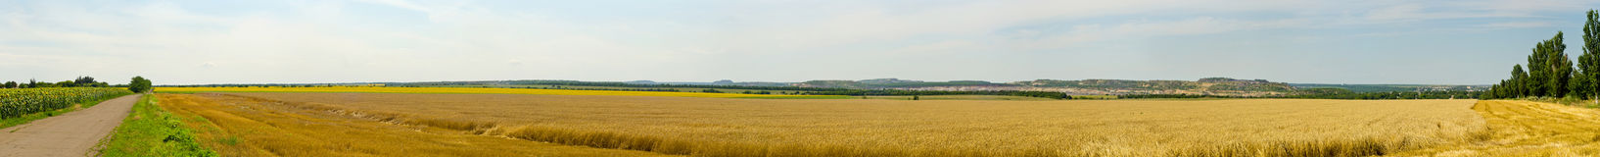 Panorama av vetefältet Royaltyfria Bilder